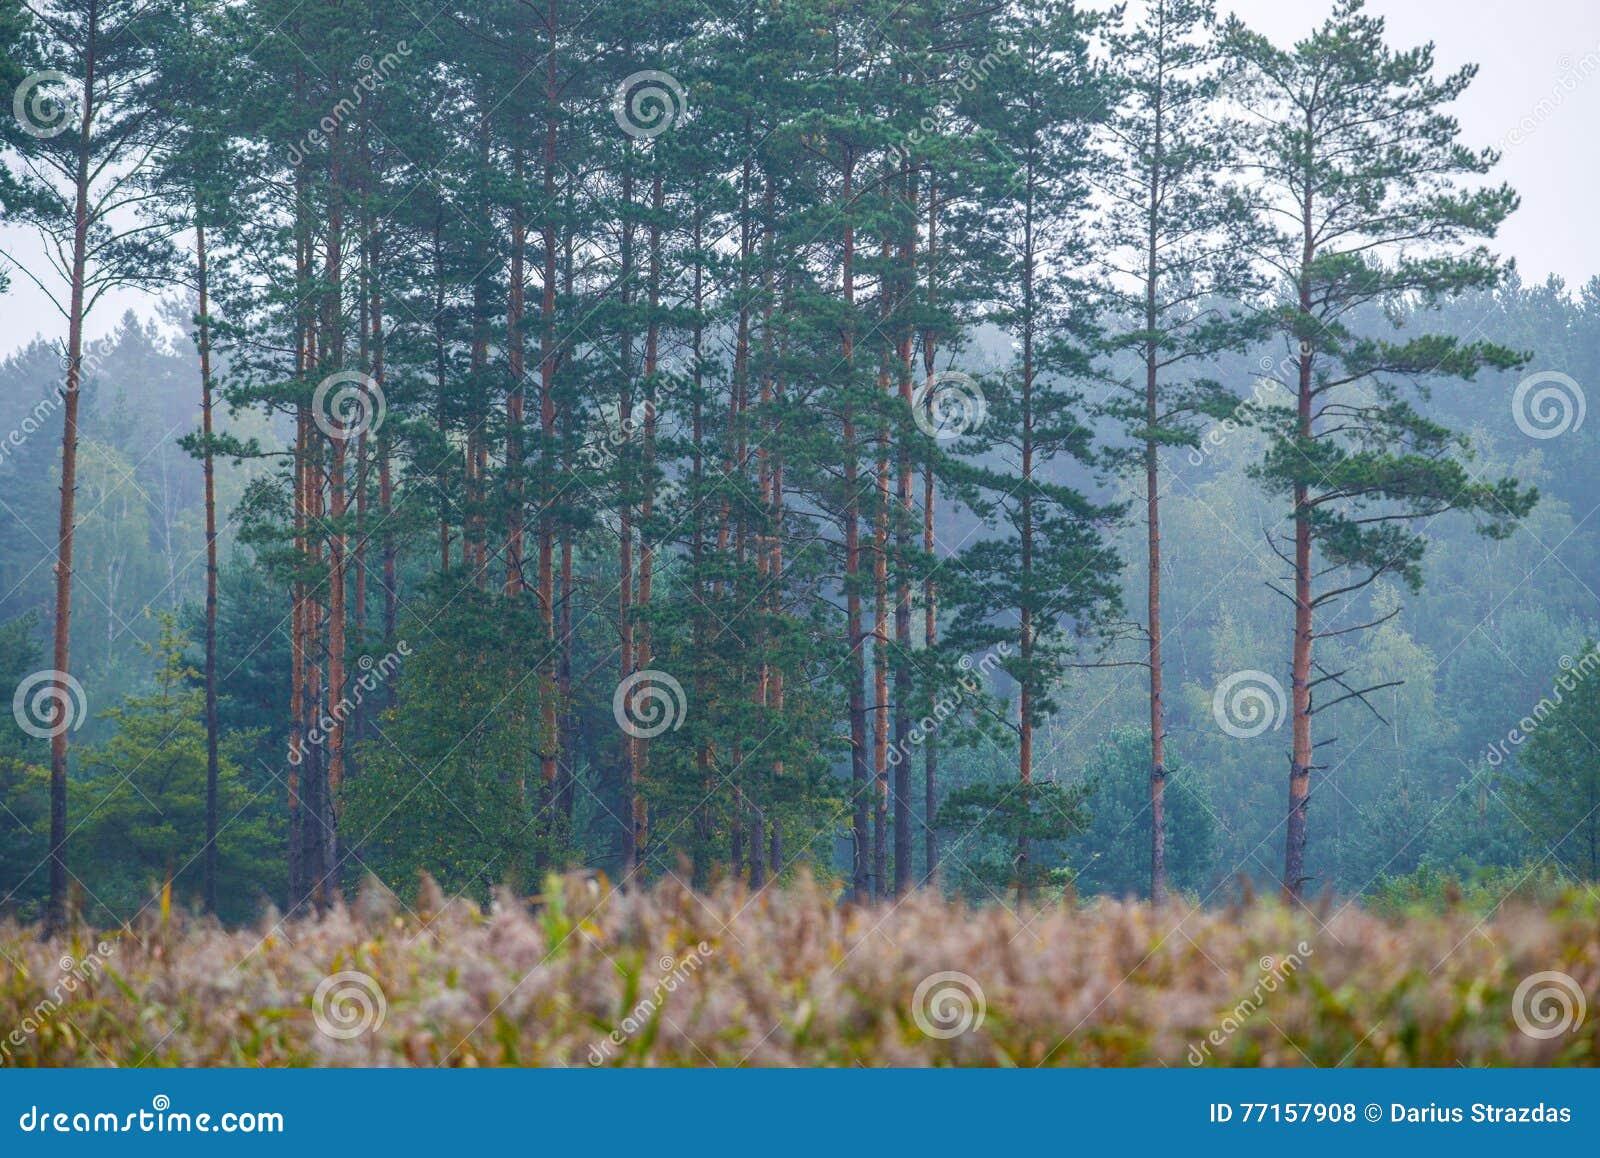 Forêt de pin près de lac